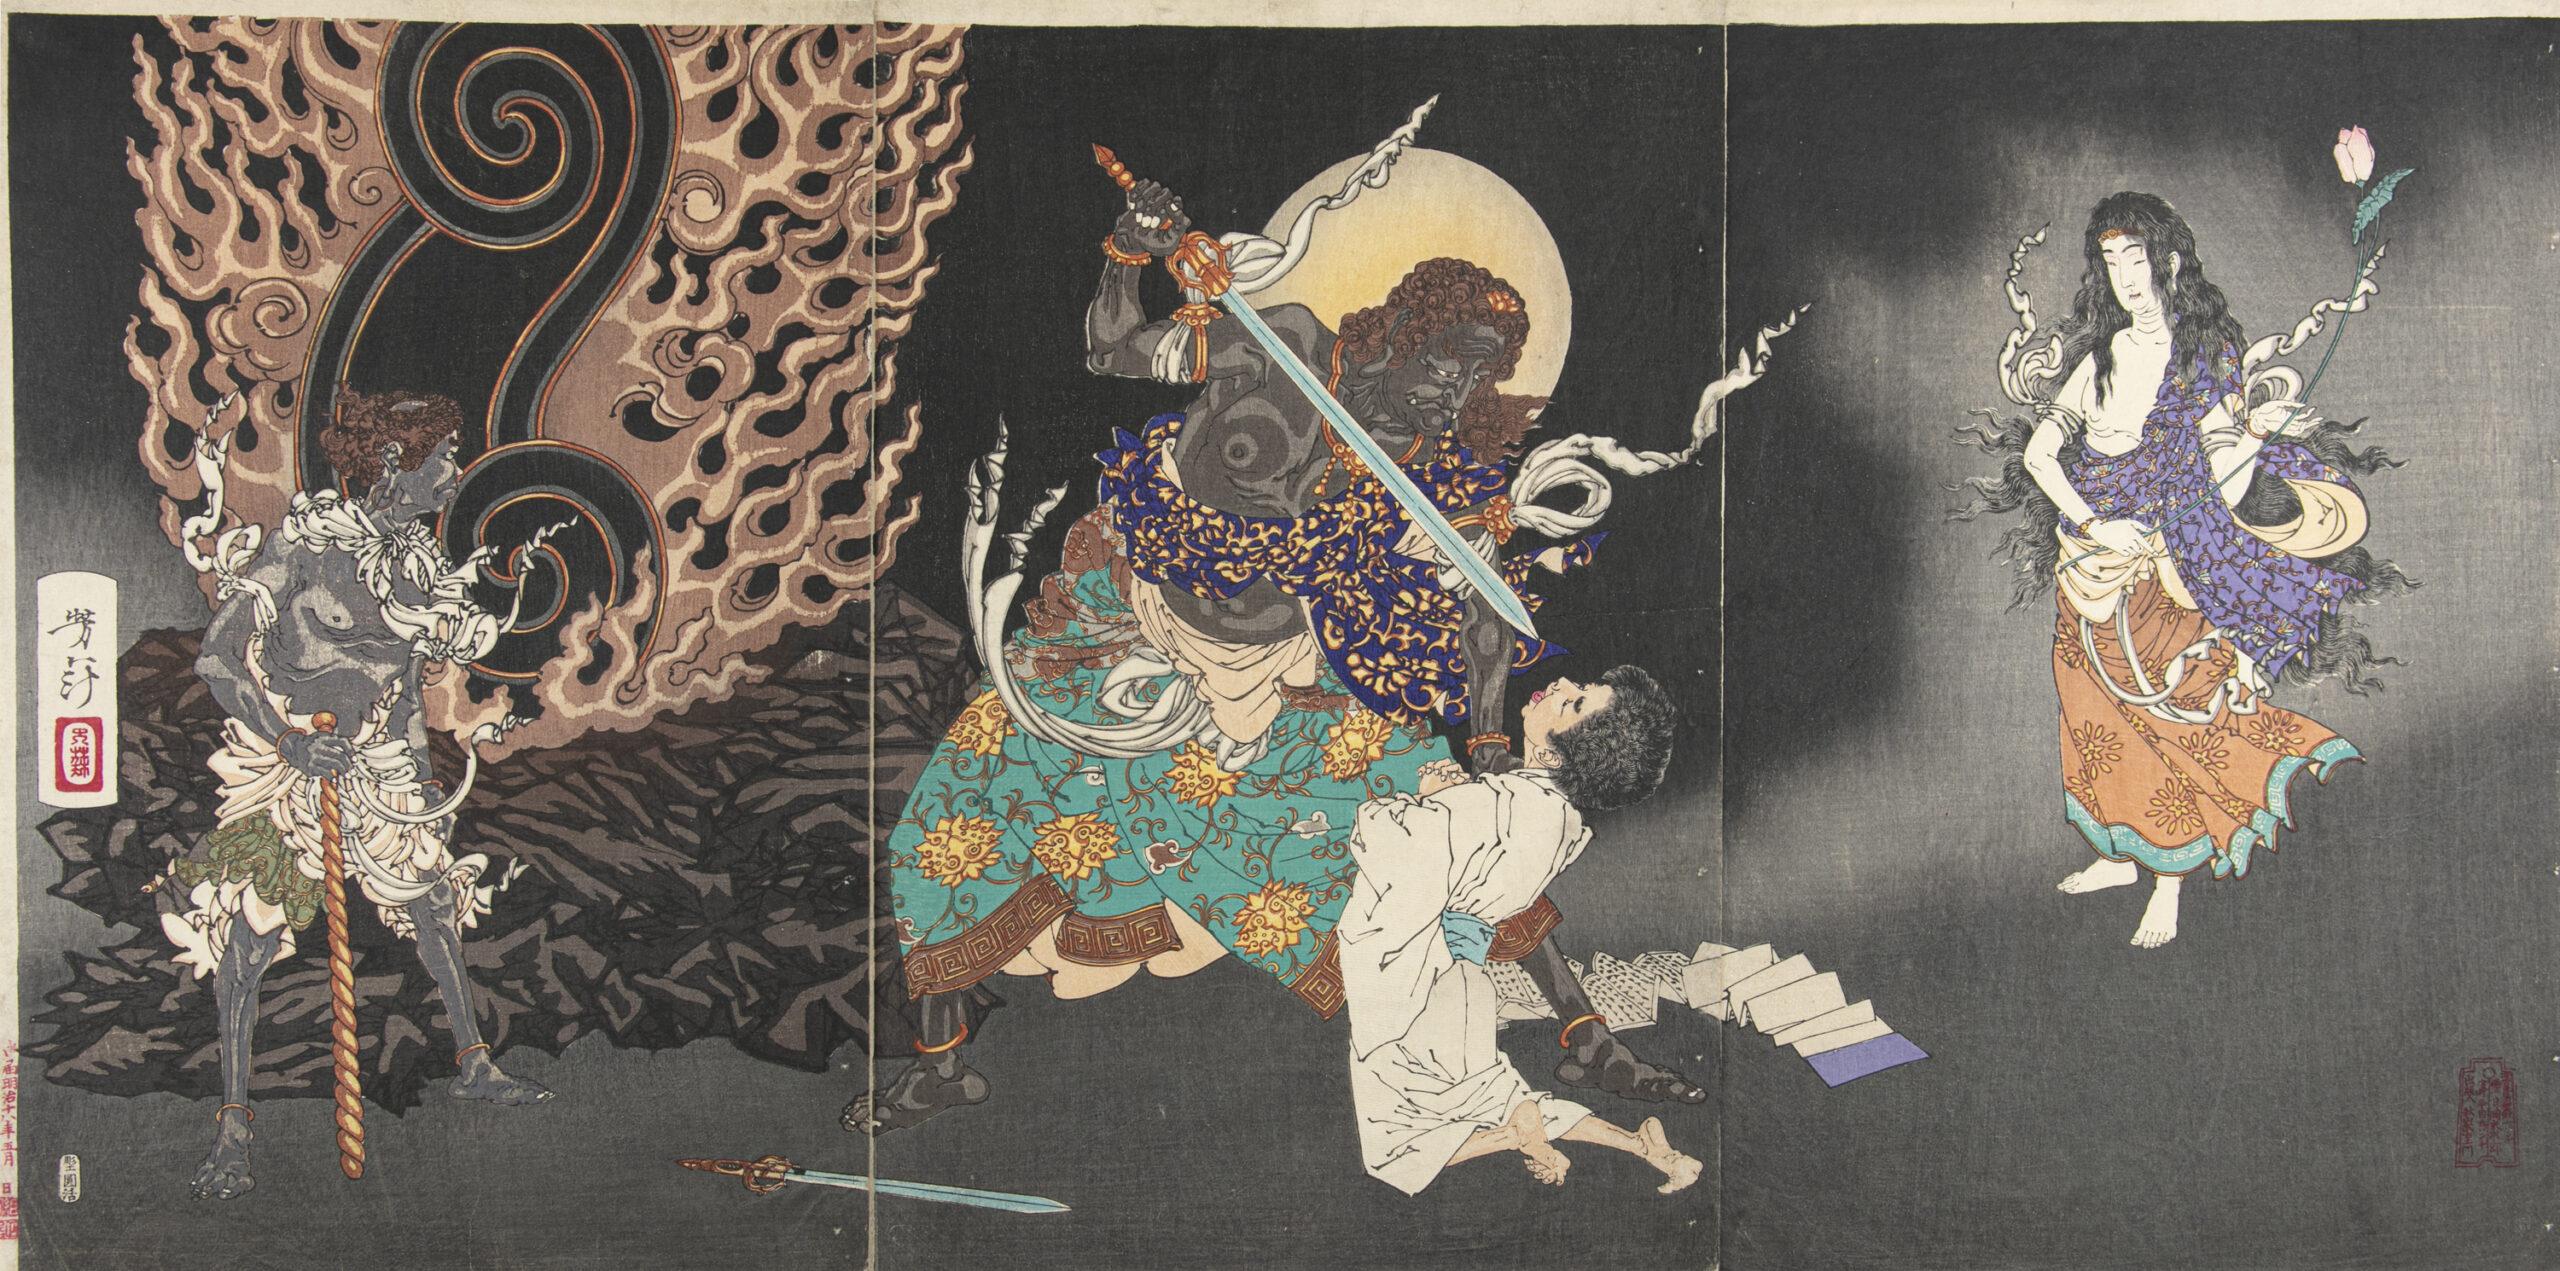 TSUKIOKA YOSHITOSHI 月岡 芳年 (1839-1892)